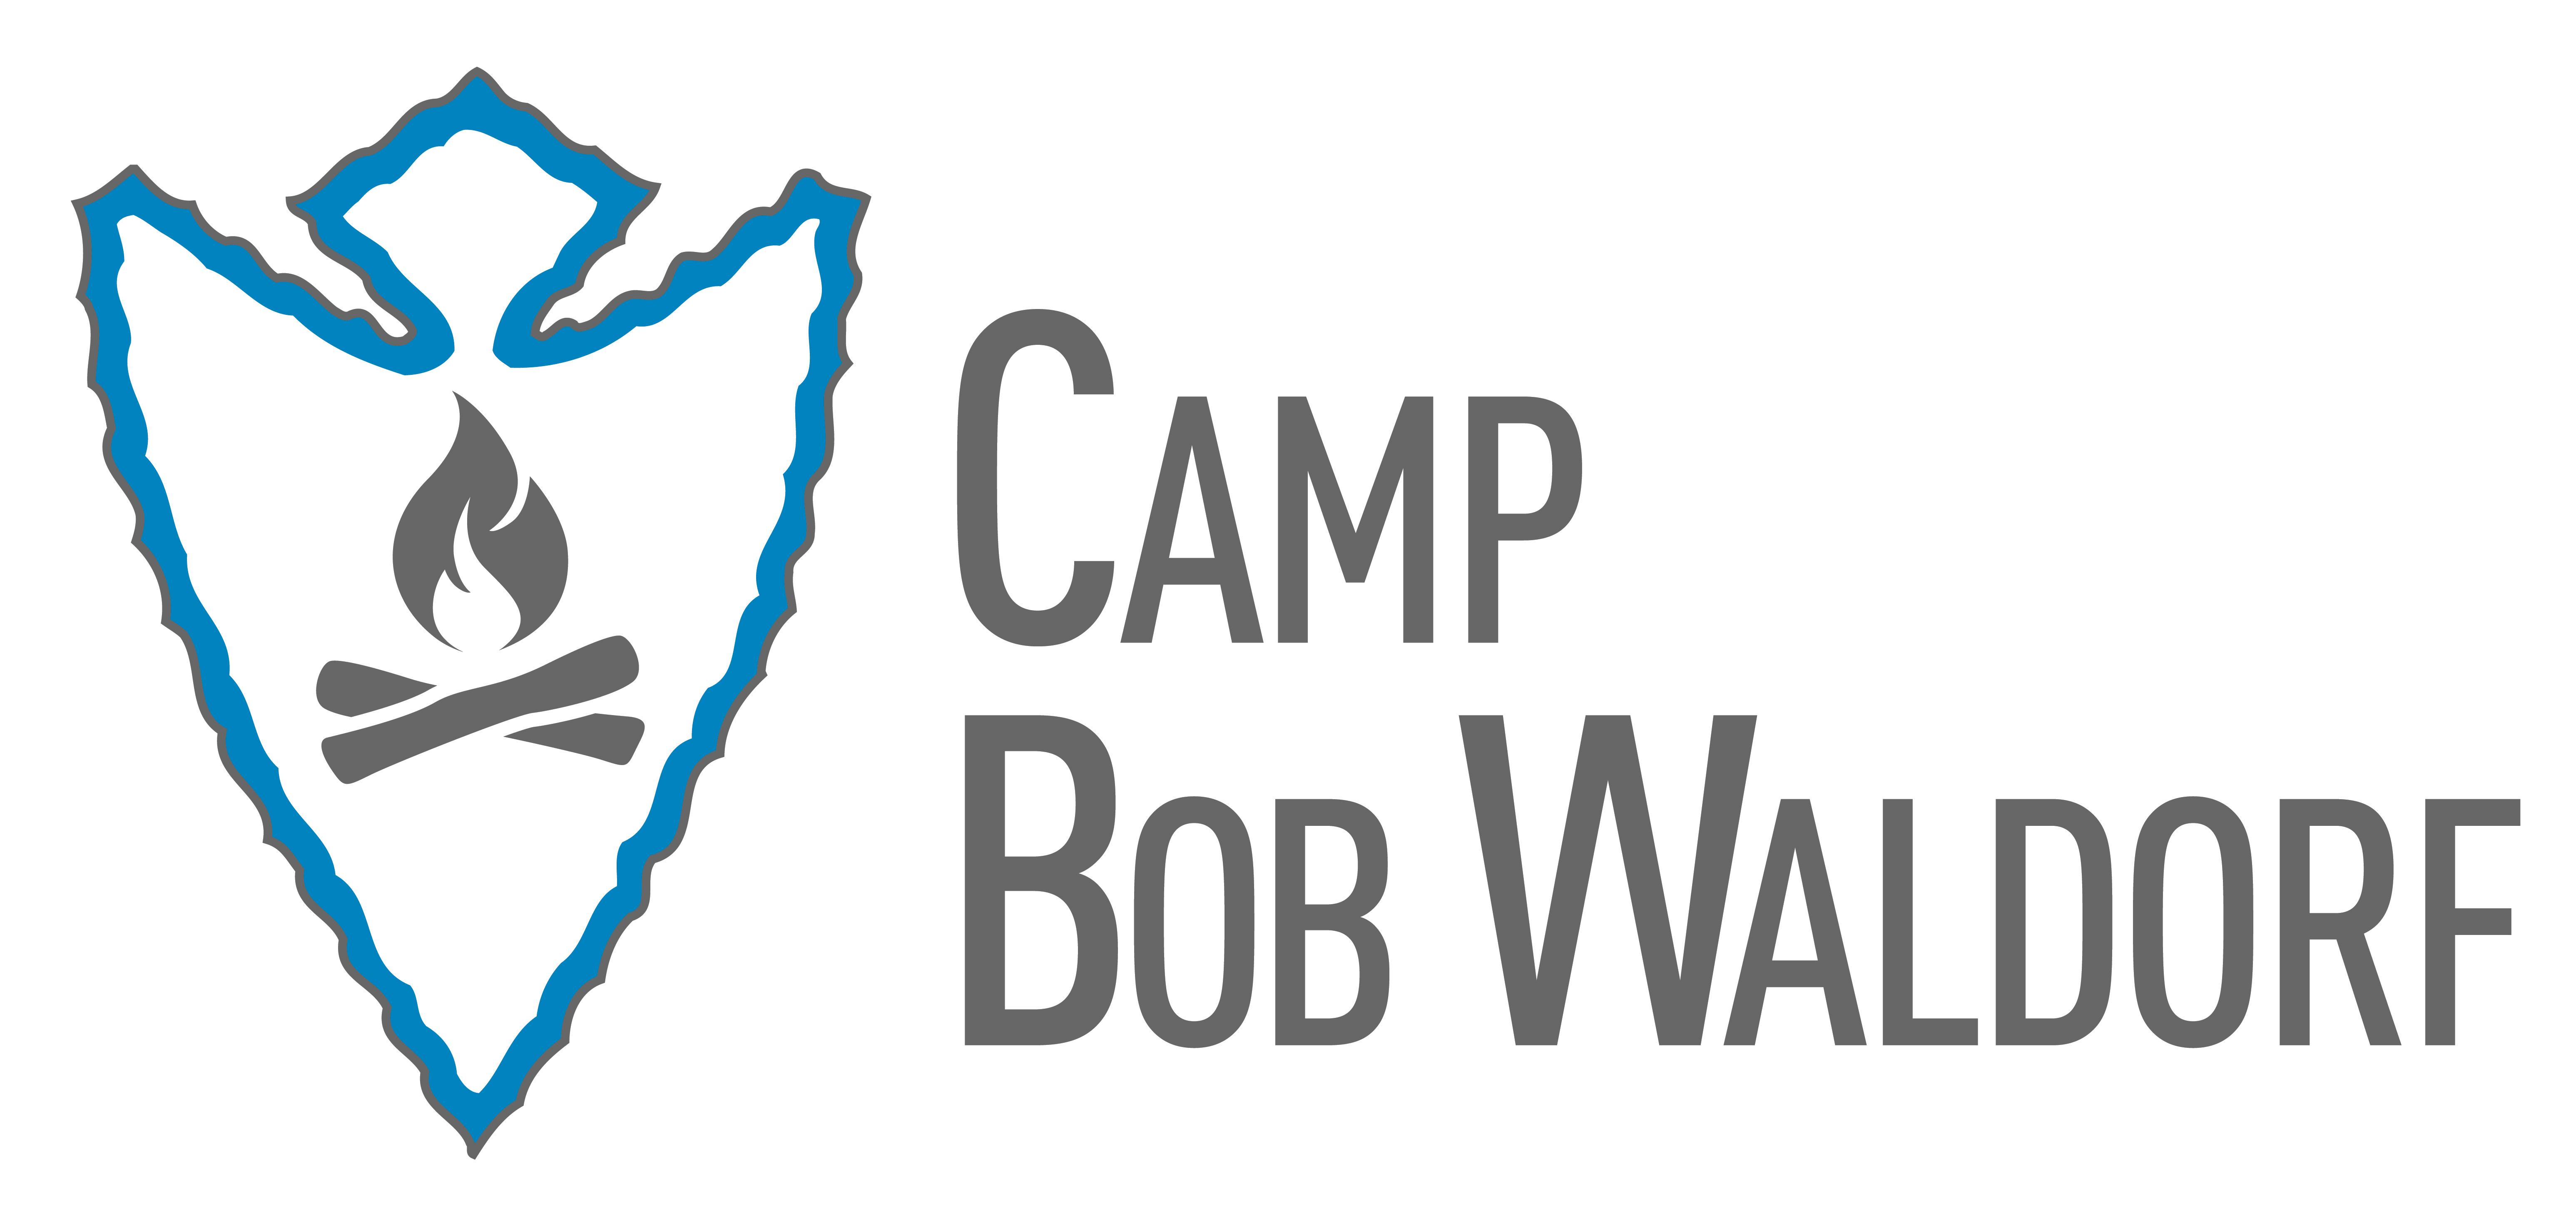 Camp Bob Watson